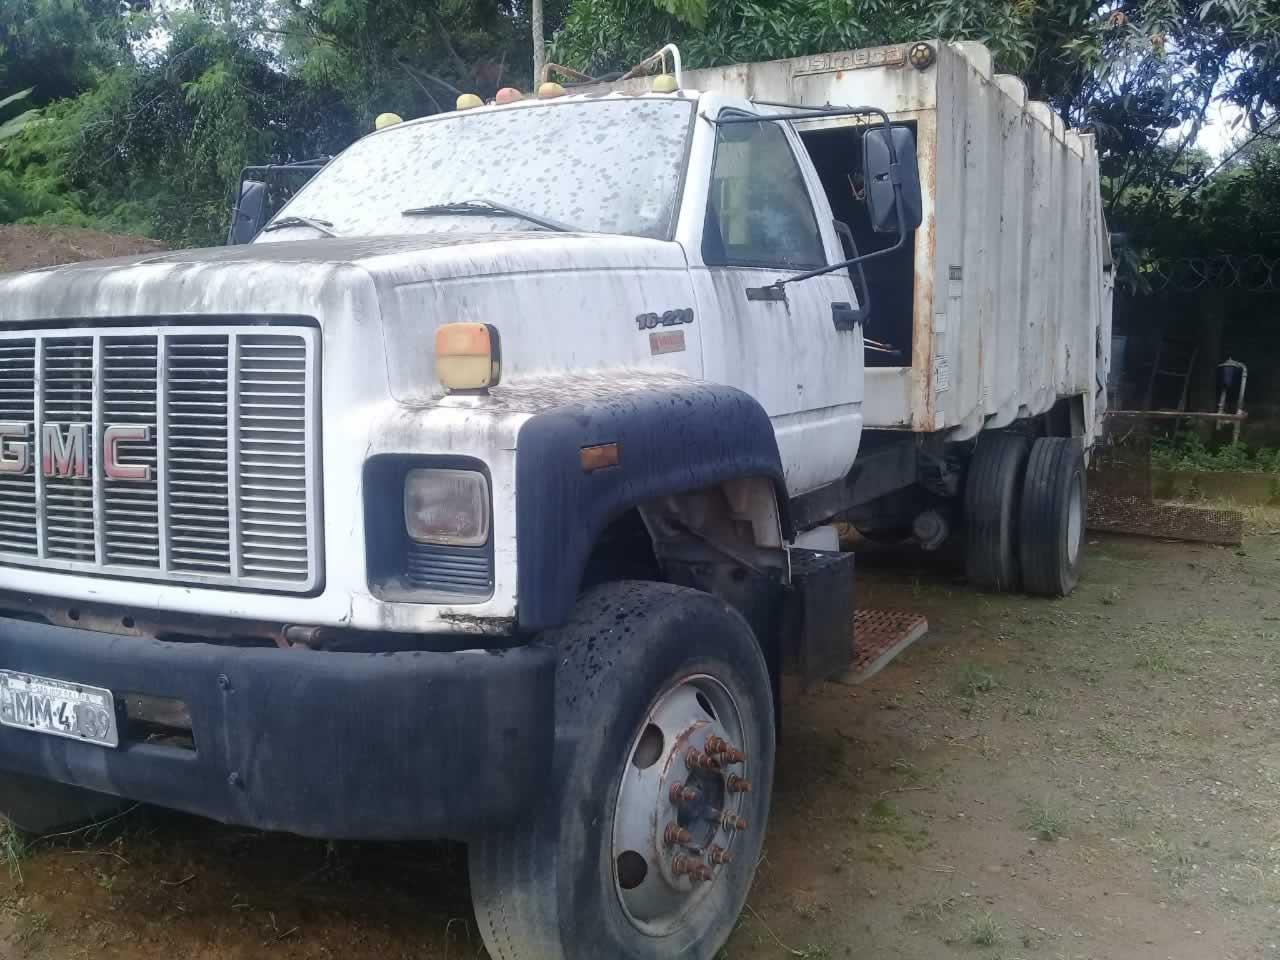 ITEM Nº: 03; Caminhão Mec. Operacional; Imp. GMG 16.220, ANO: 1998/1998, PLACA: 4139, CHA